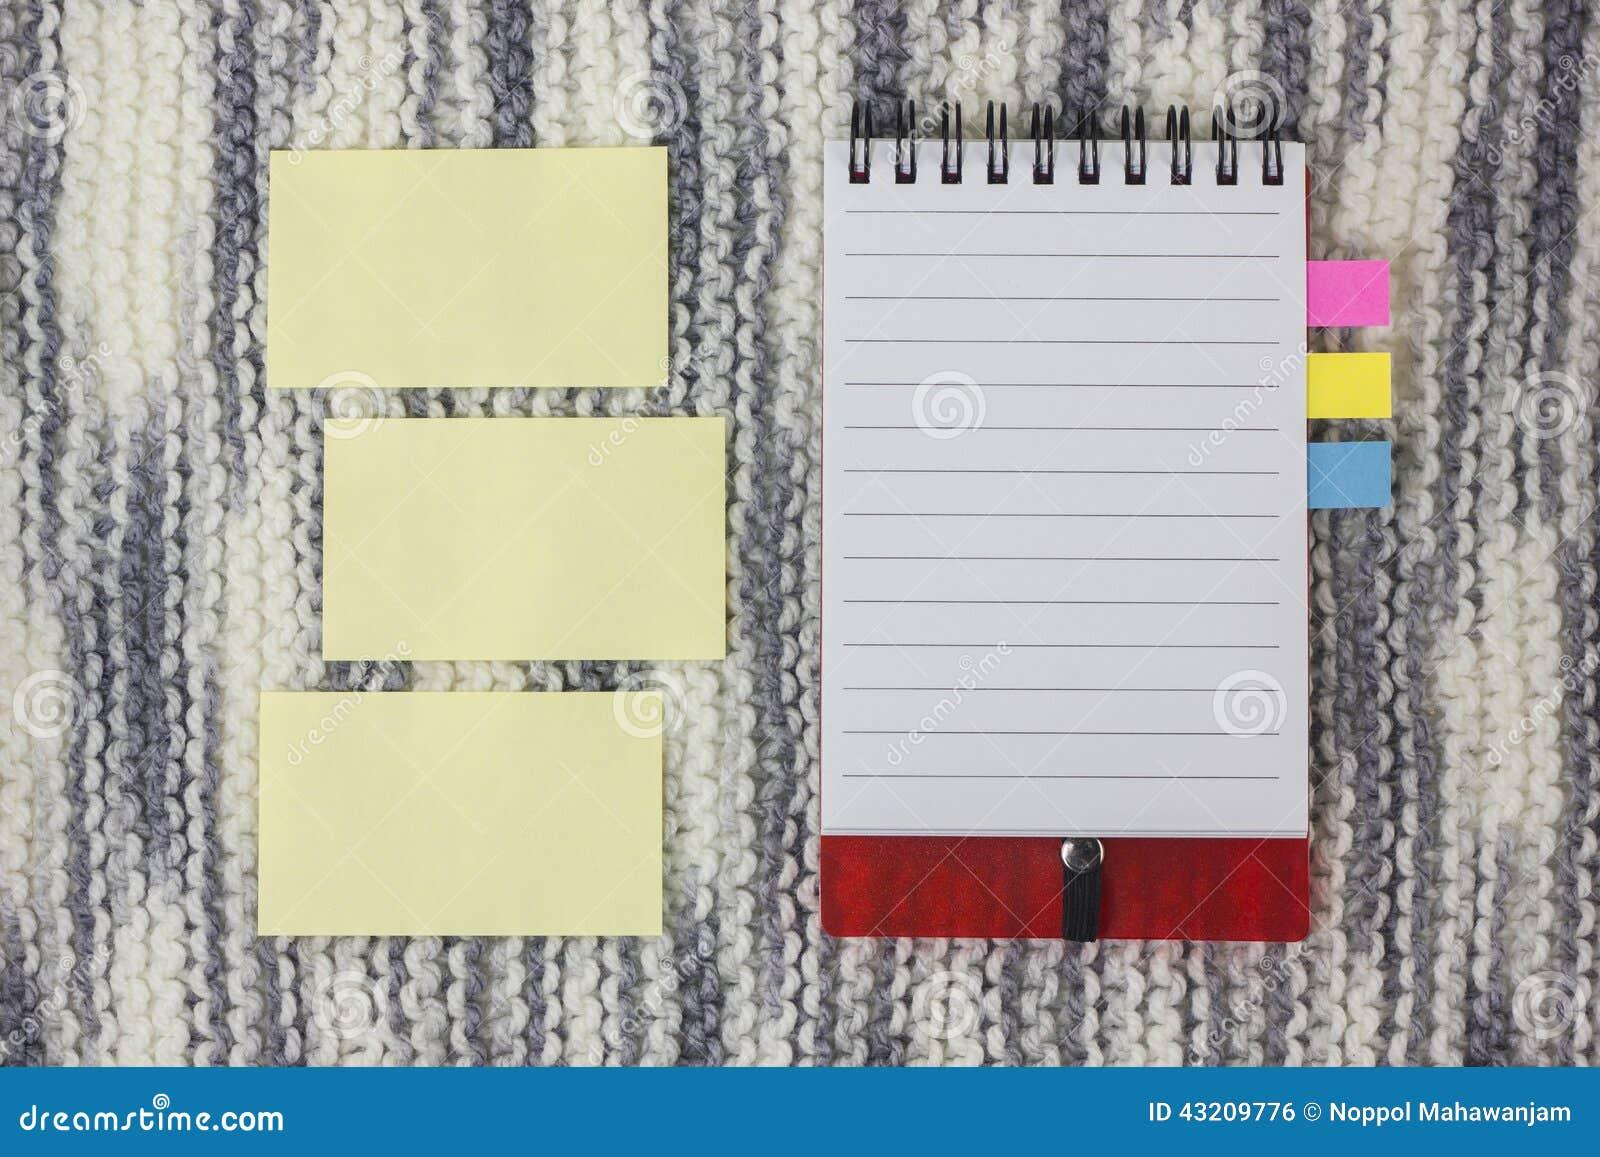 Download Yellow För Skugga För Paper Bana För Clippinganmärkning Klibbig Arkivfoto - Bild av tomt, knit: 43209776